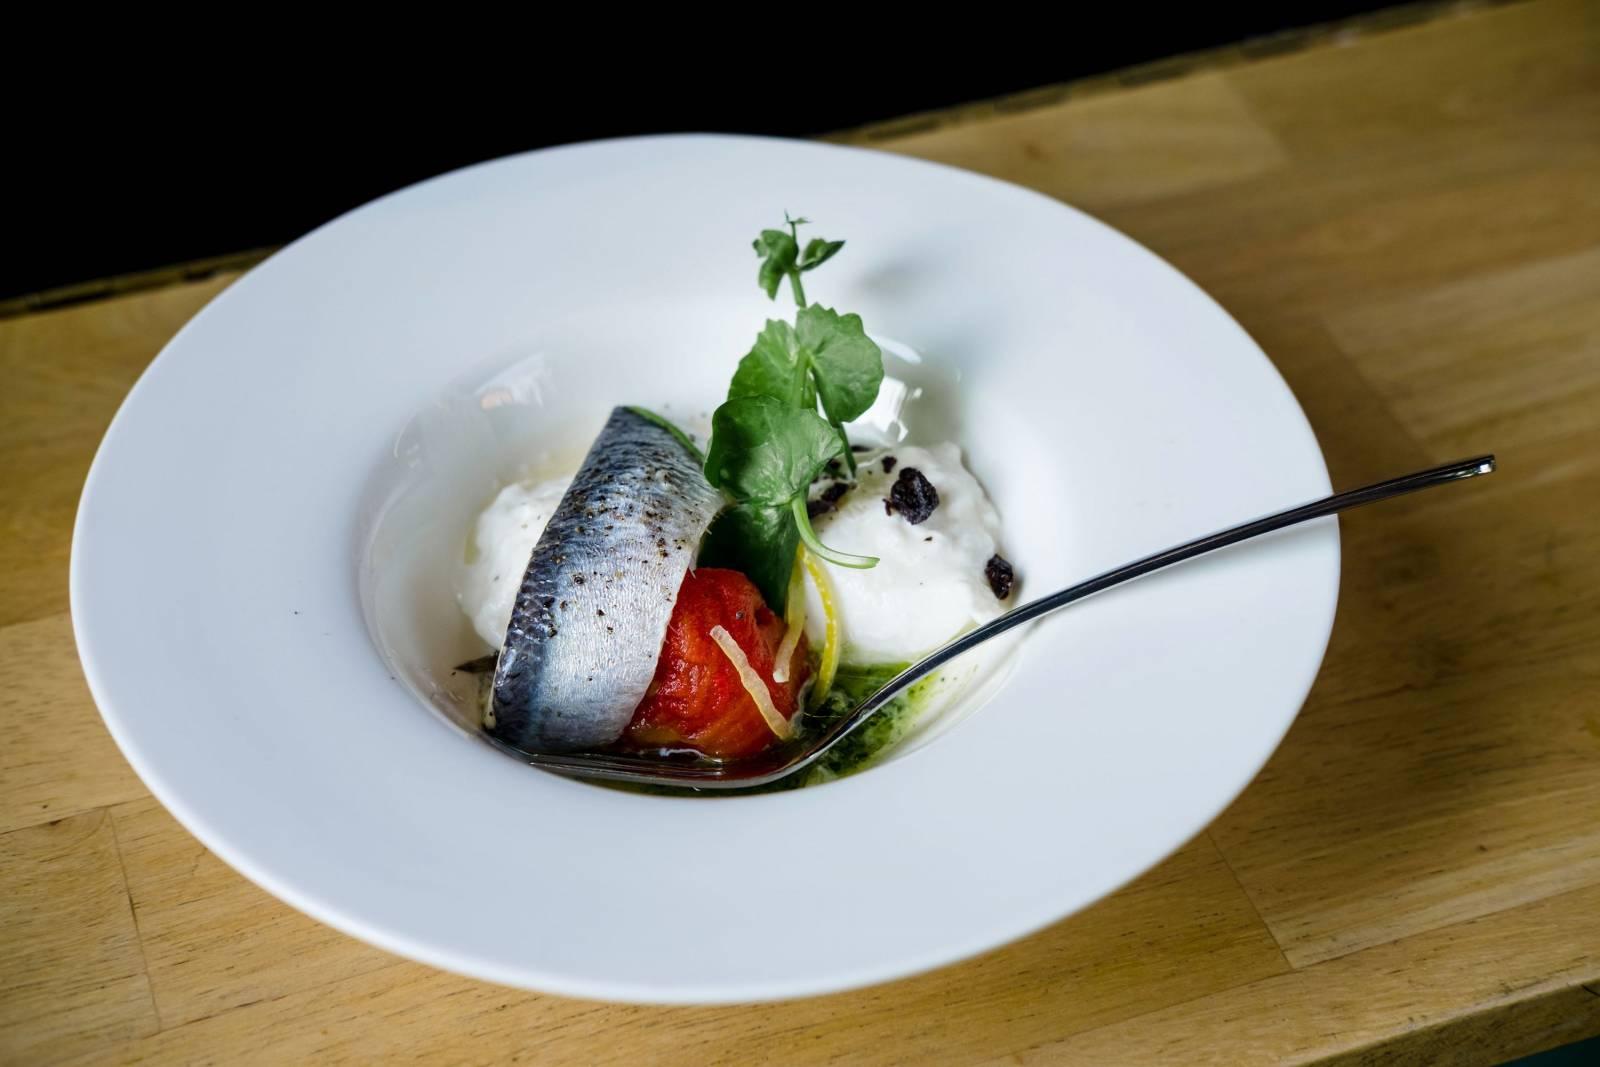 Gastronomie Nicolas - Catering - Traiteur - Trouw - Huwelijk - Bruiloft - House of Weddings - 14